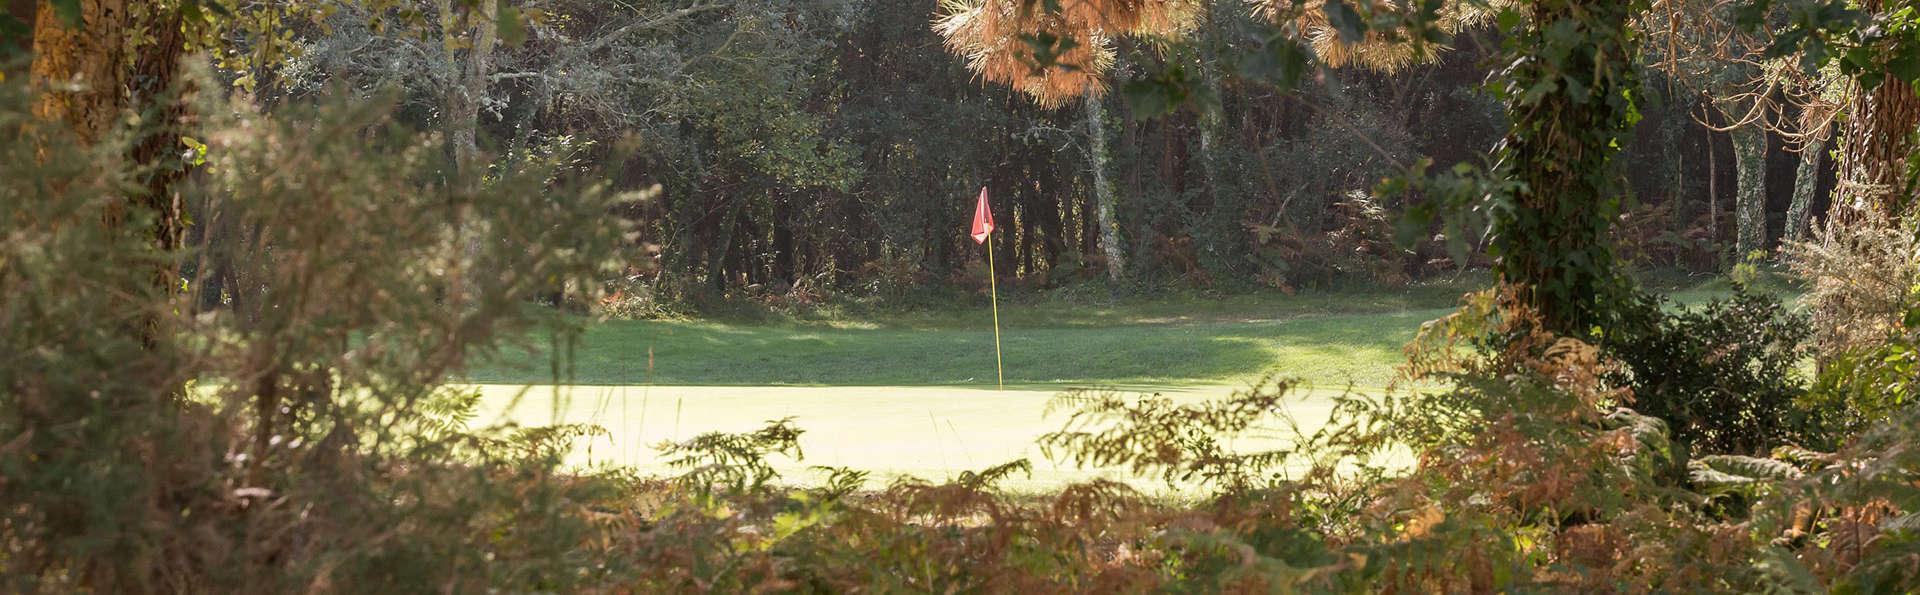 Pierre et Vacances Domaine du Golf de Pinsolle - Edit_golf.jpg